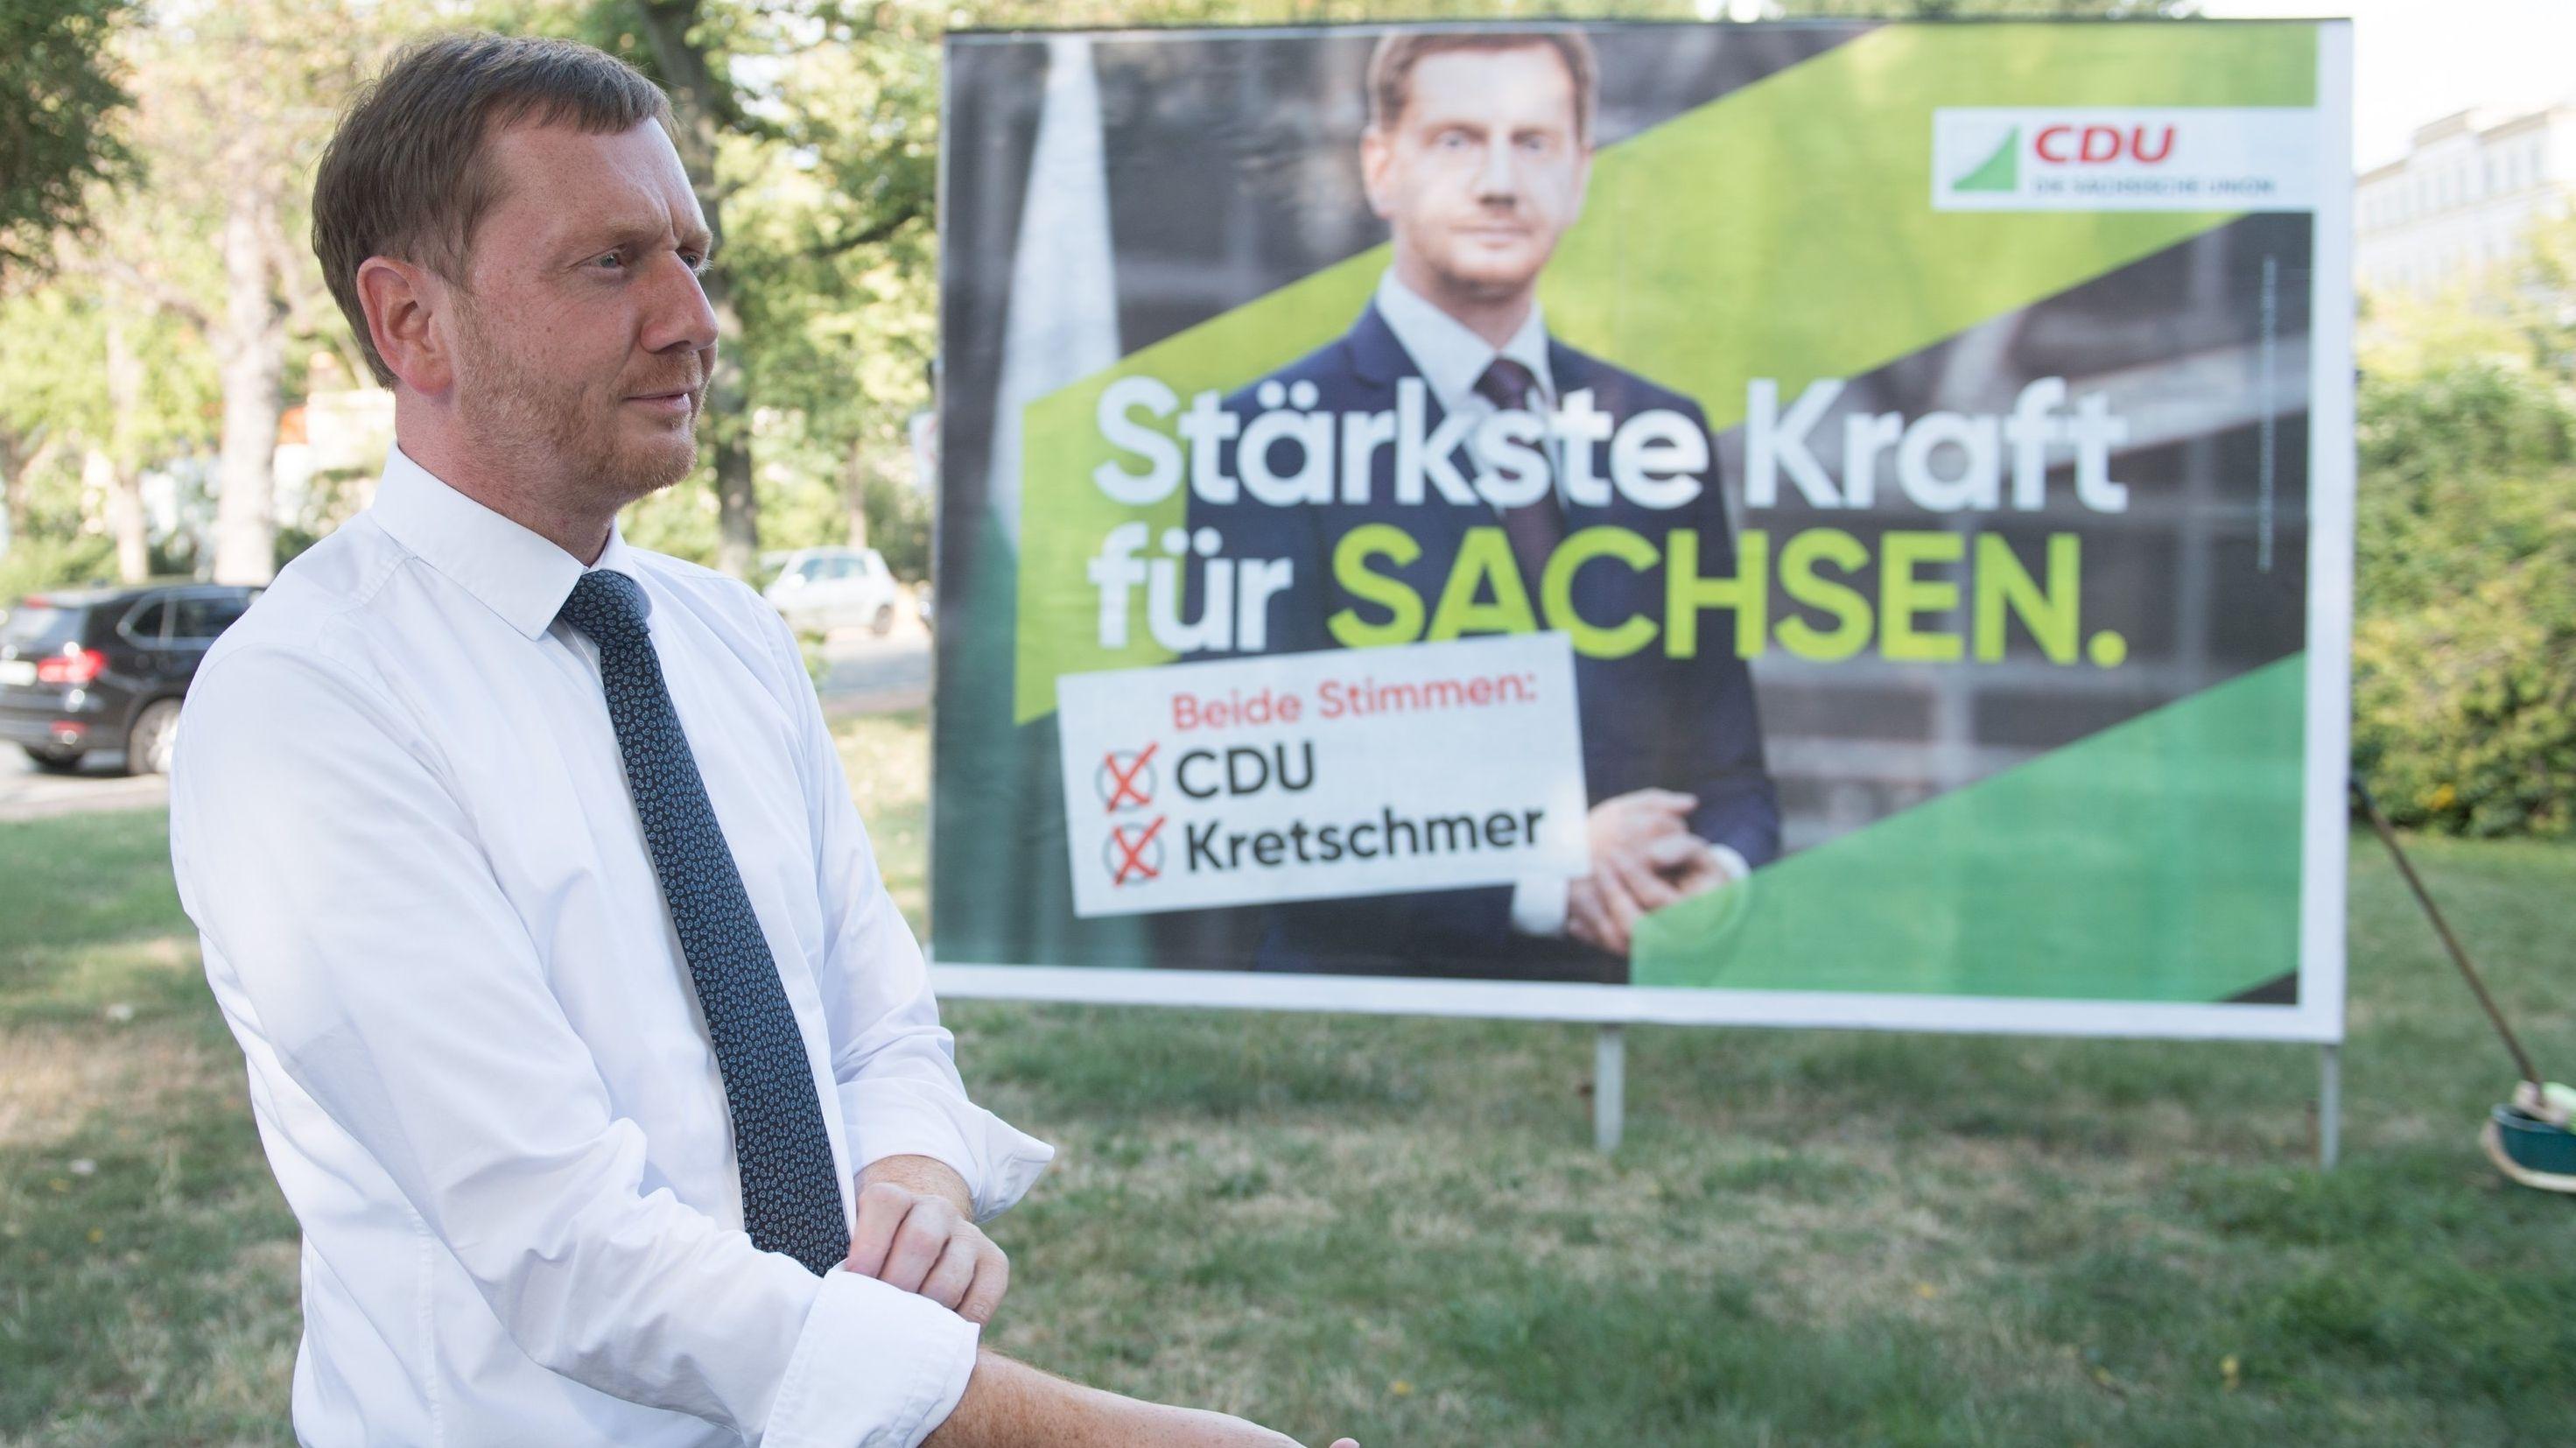 Sachsens Ministerpräsident Kretschmer vor einem CDU-Wahlplakat